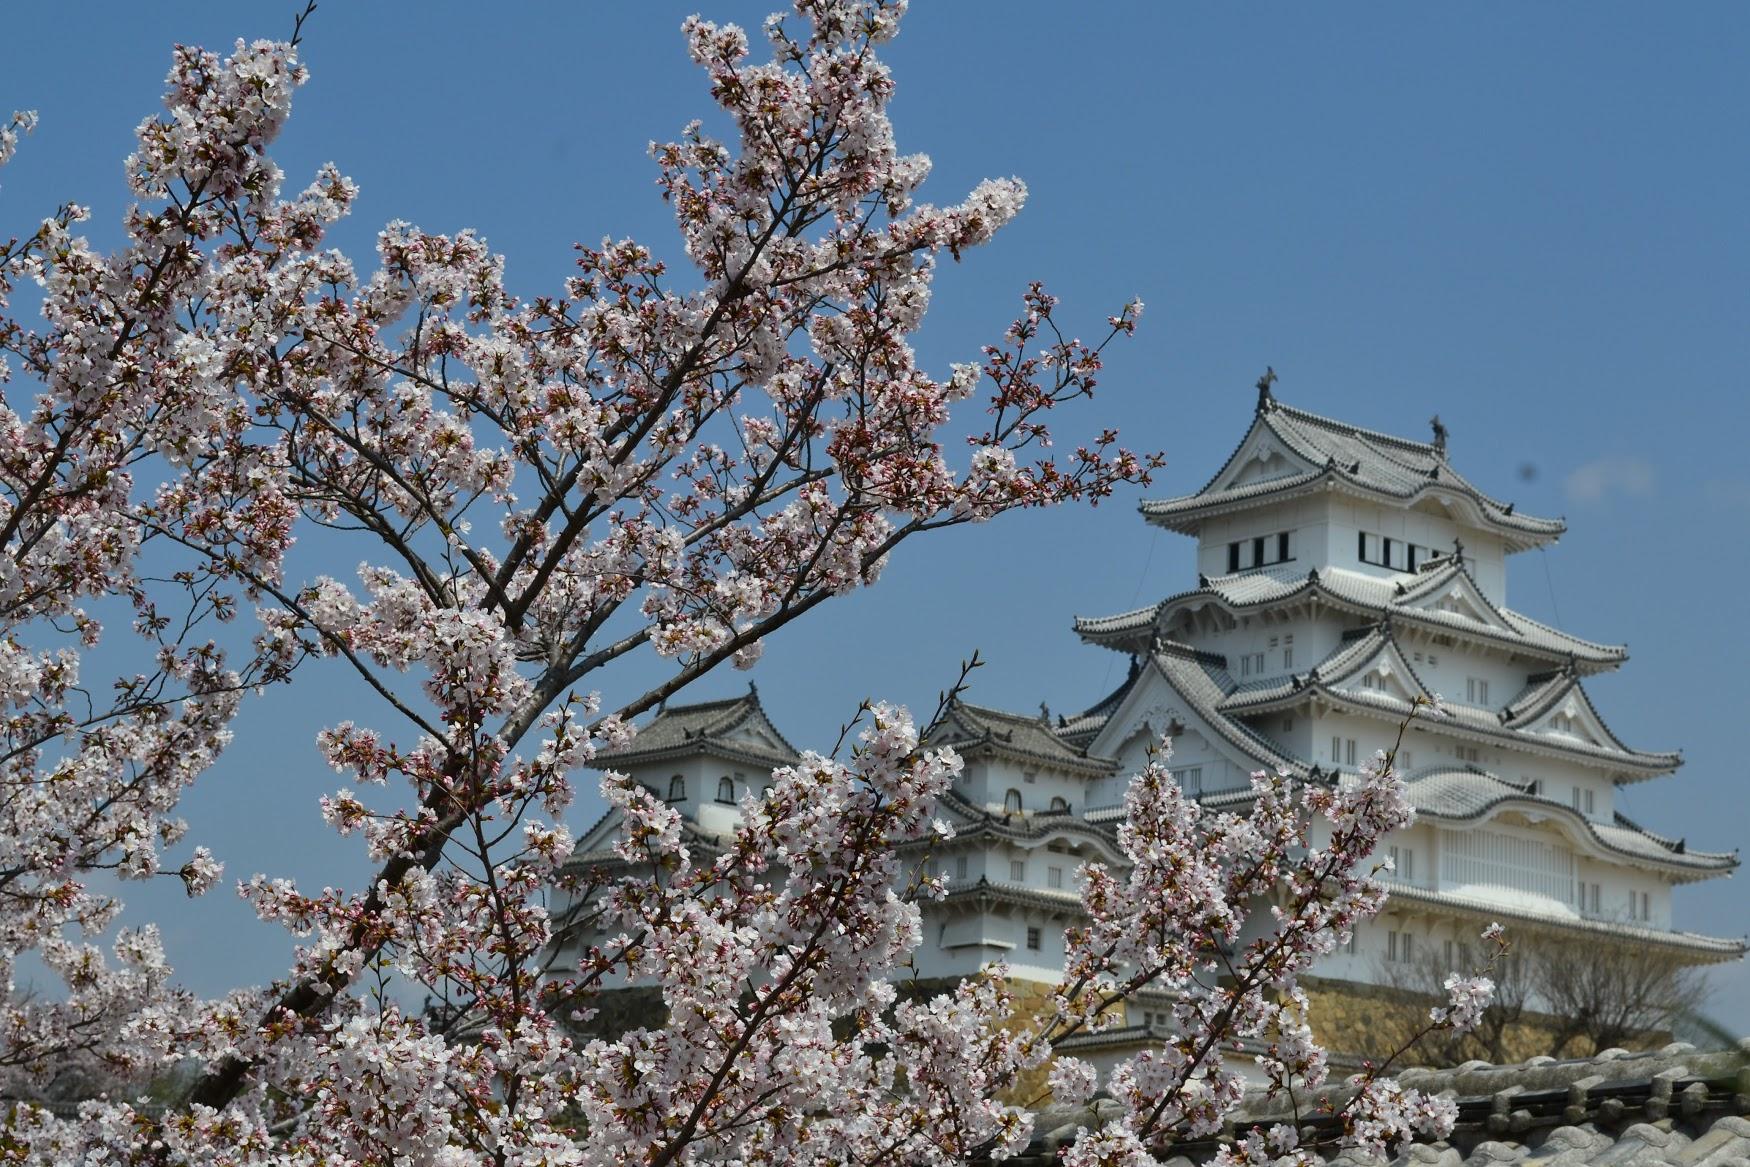 Alrededor del castillo habían parques llenos de arboles de  sakura , y tome esta foto de las flores y el castillo juntos.